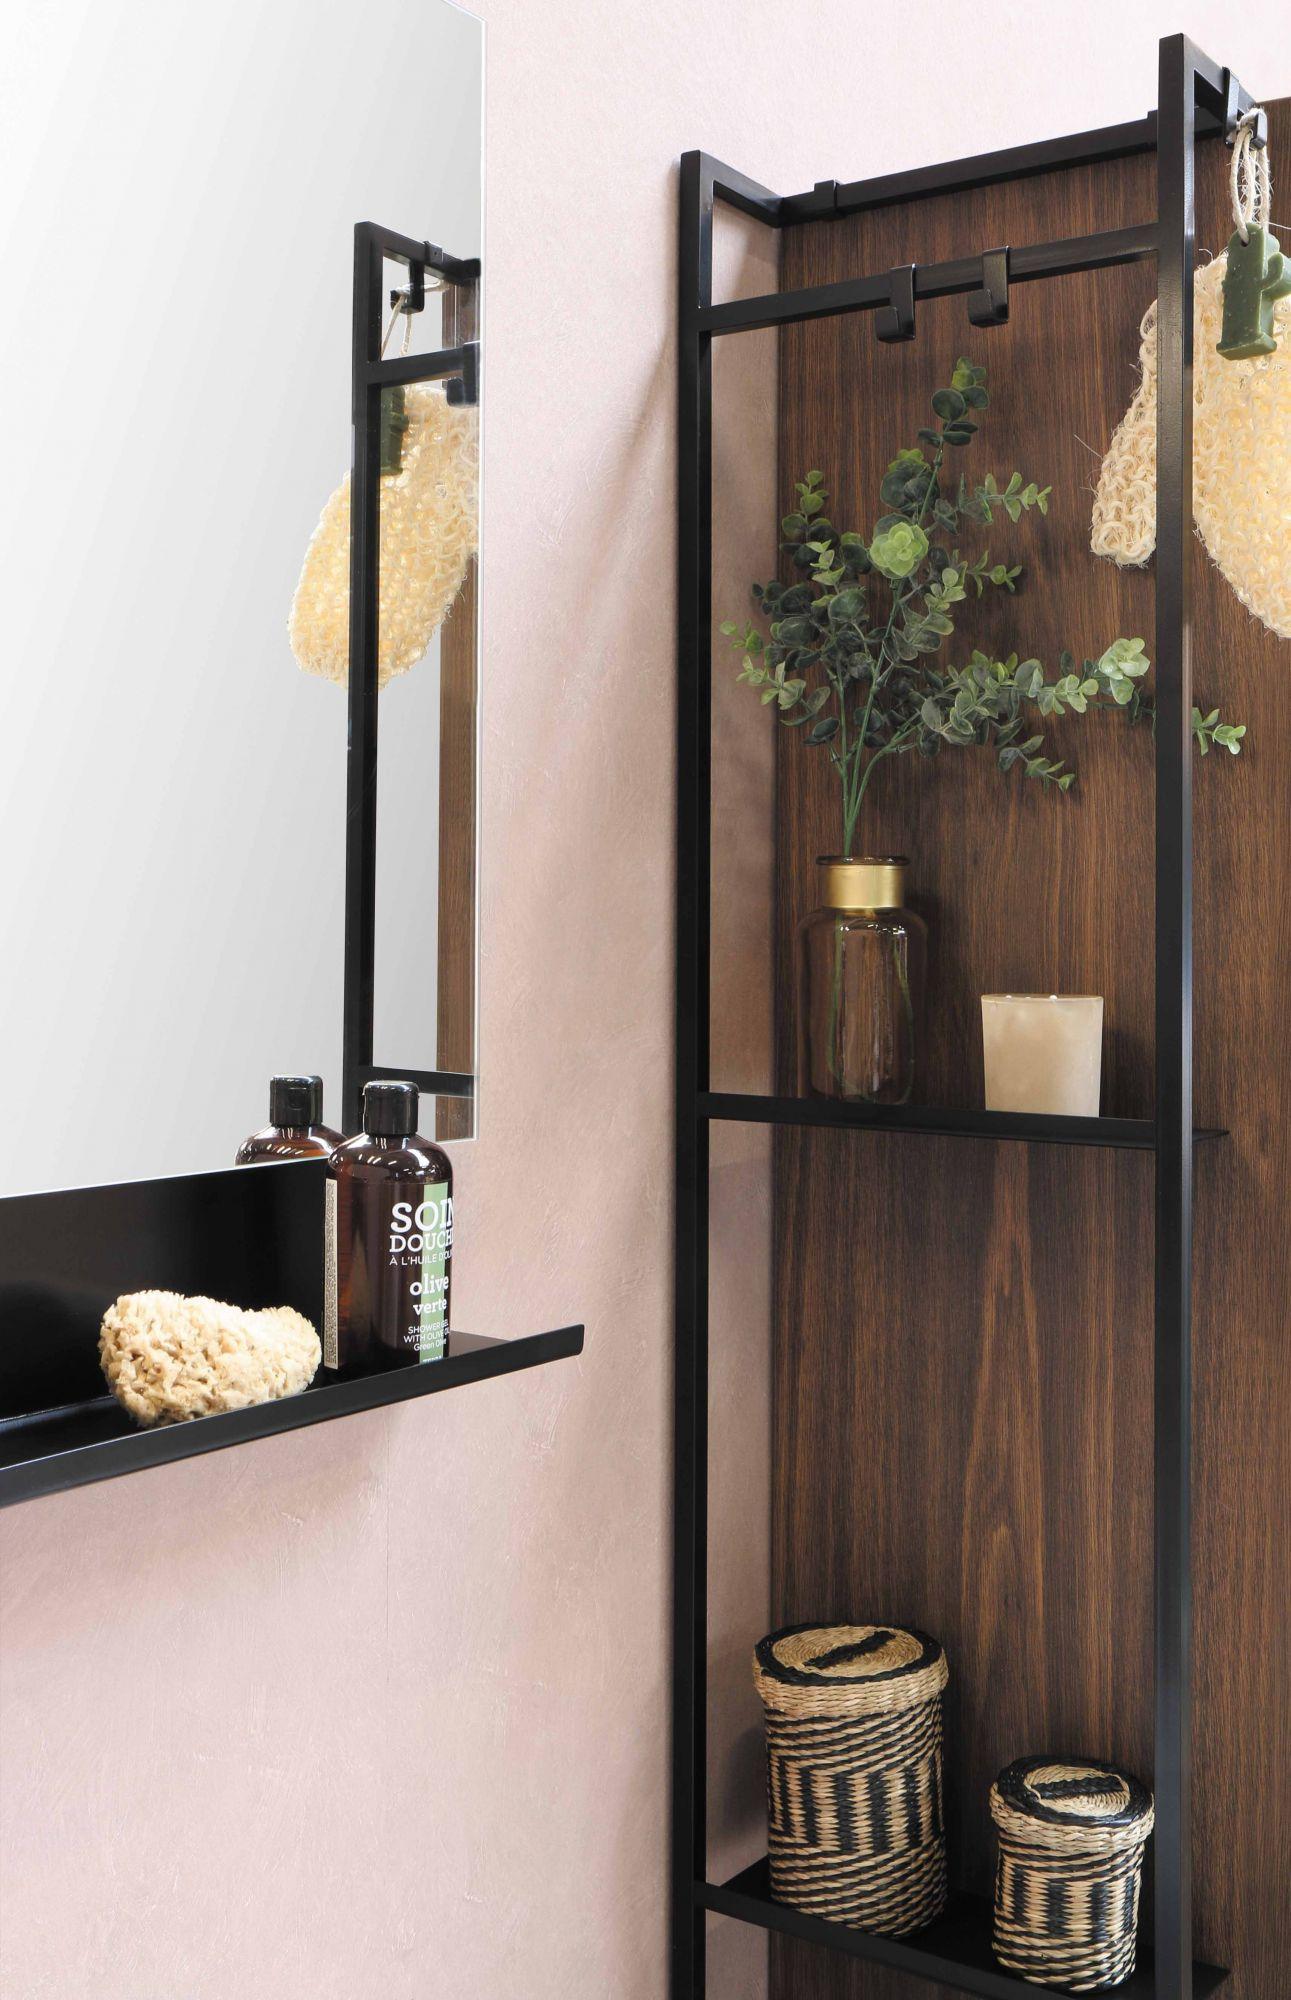 Arredare casa con le mensole: idee pratiche in bagno